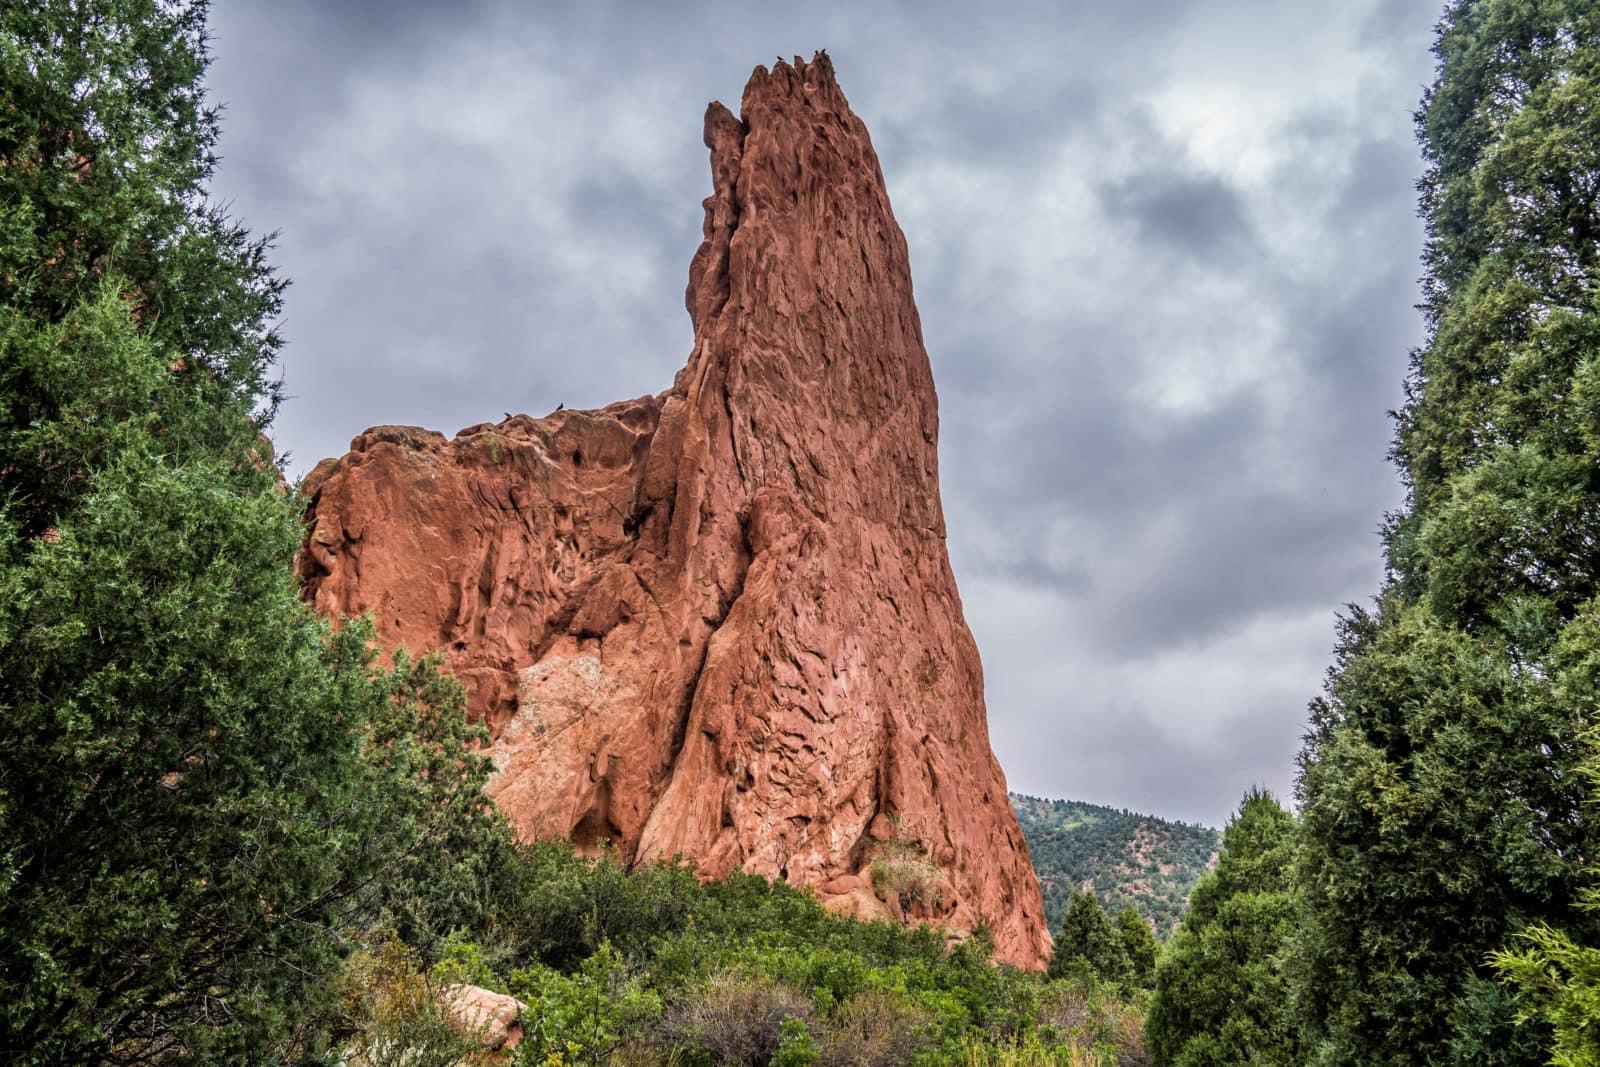 Garden of the Gods in Colorado